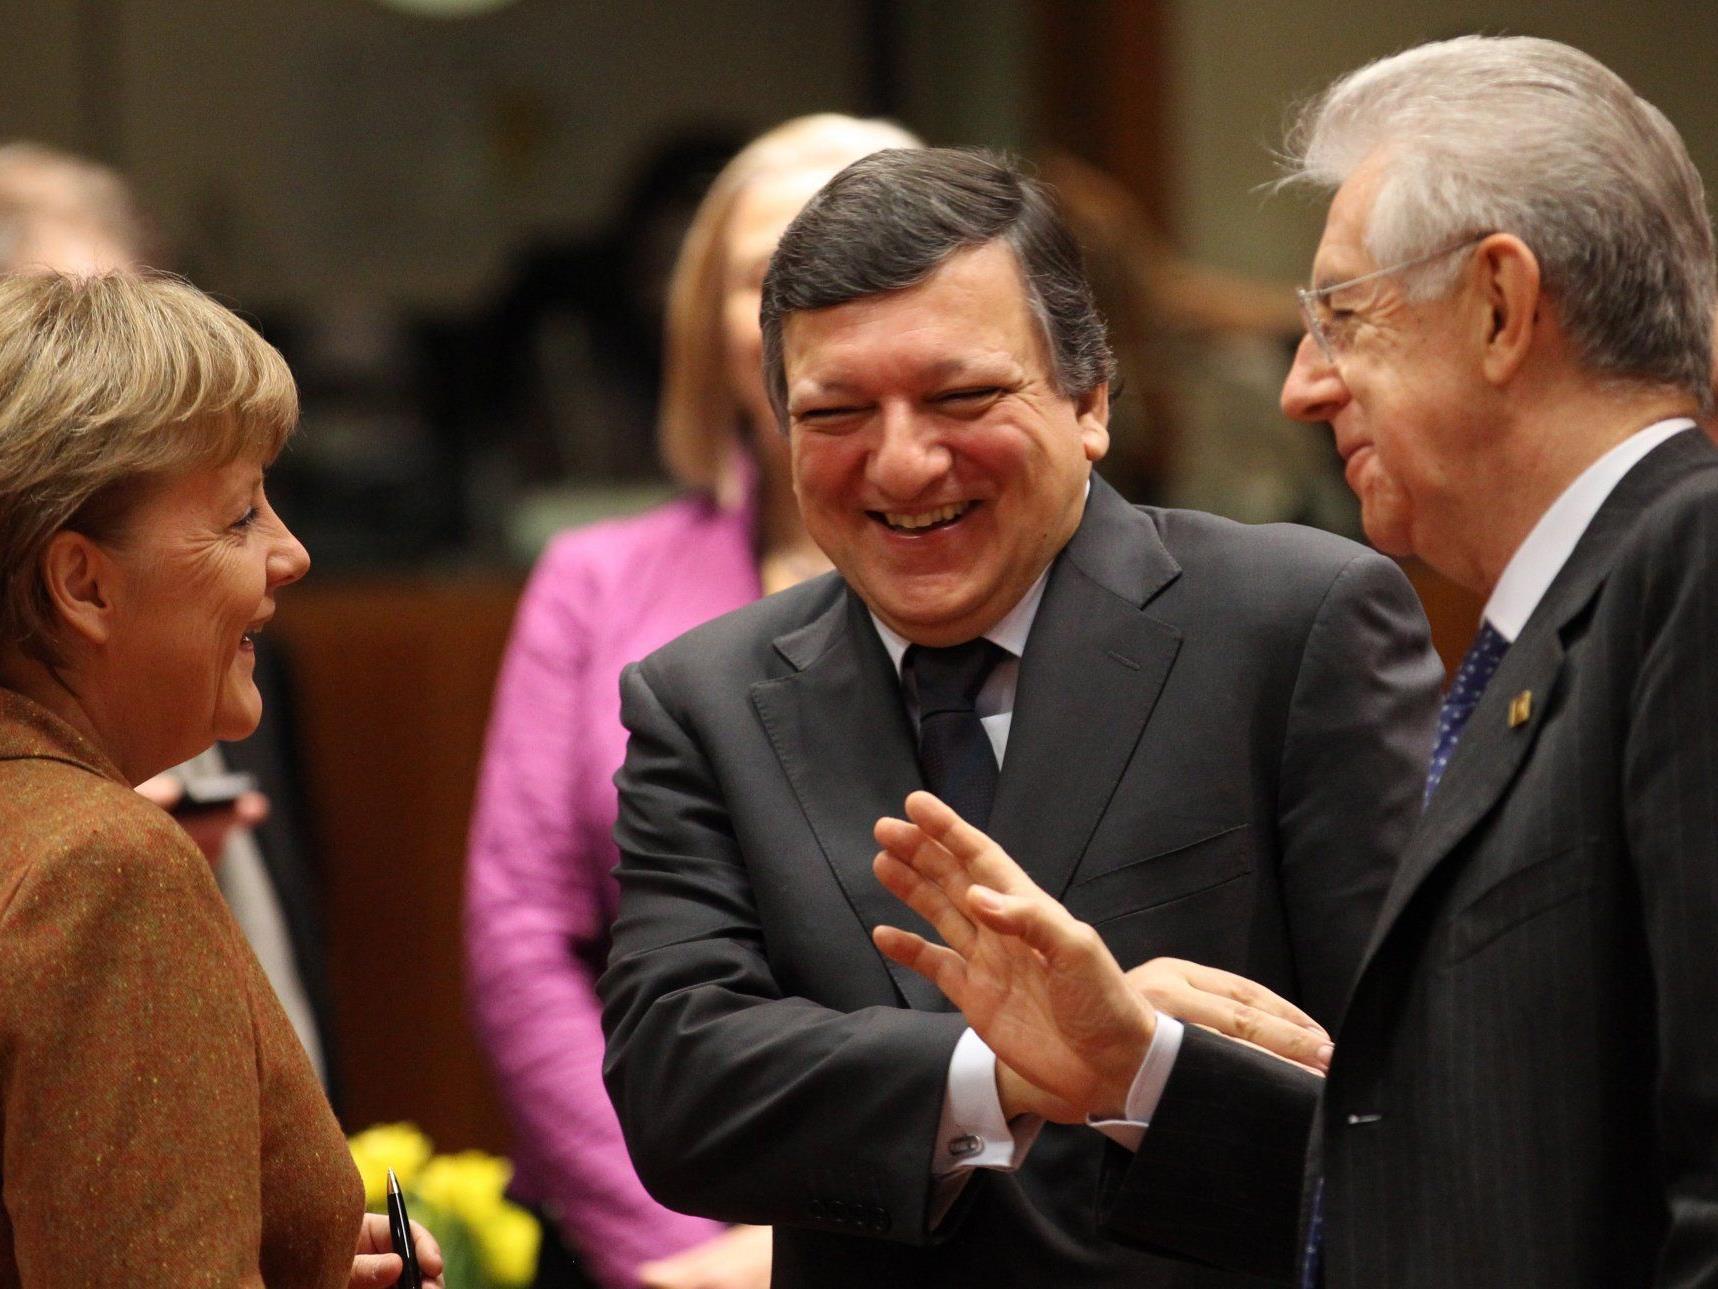 EU-Gipfel in Brüssel: 25 Staaten unterzeichneten Fiskalpakt.